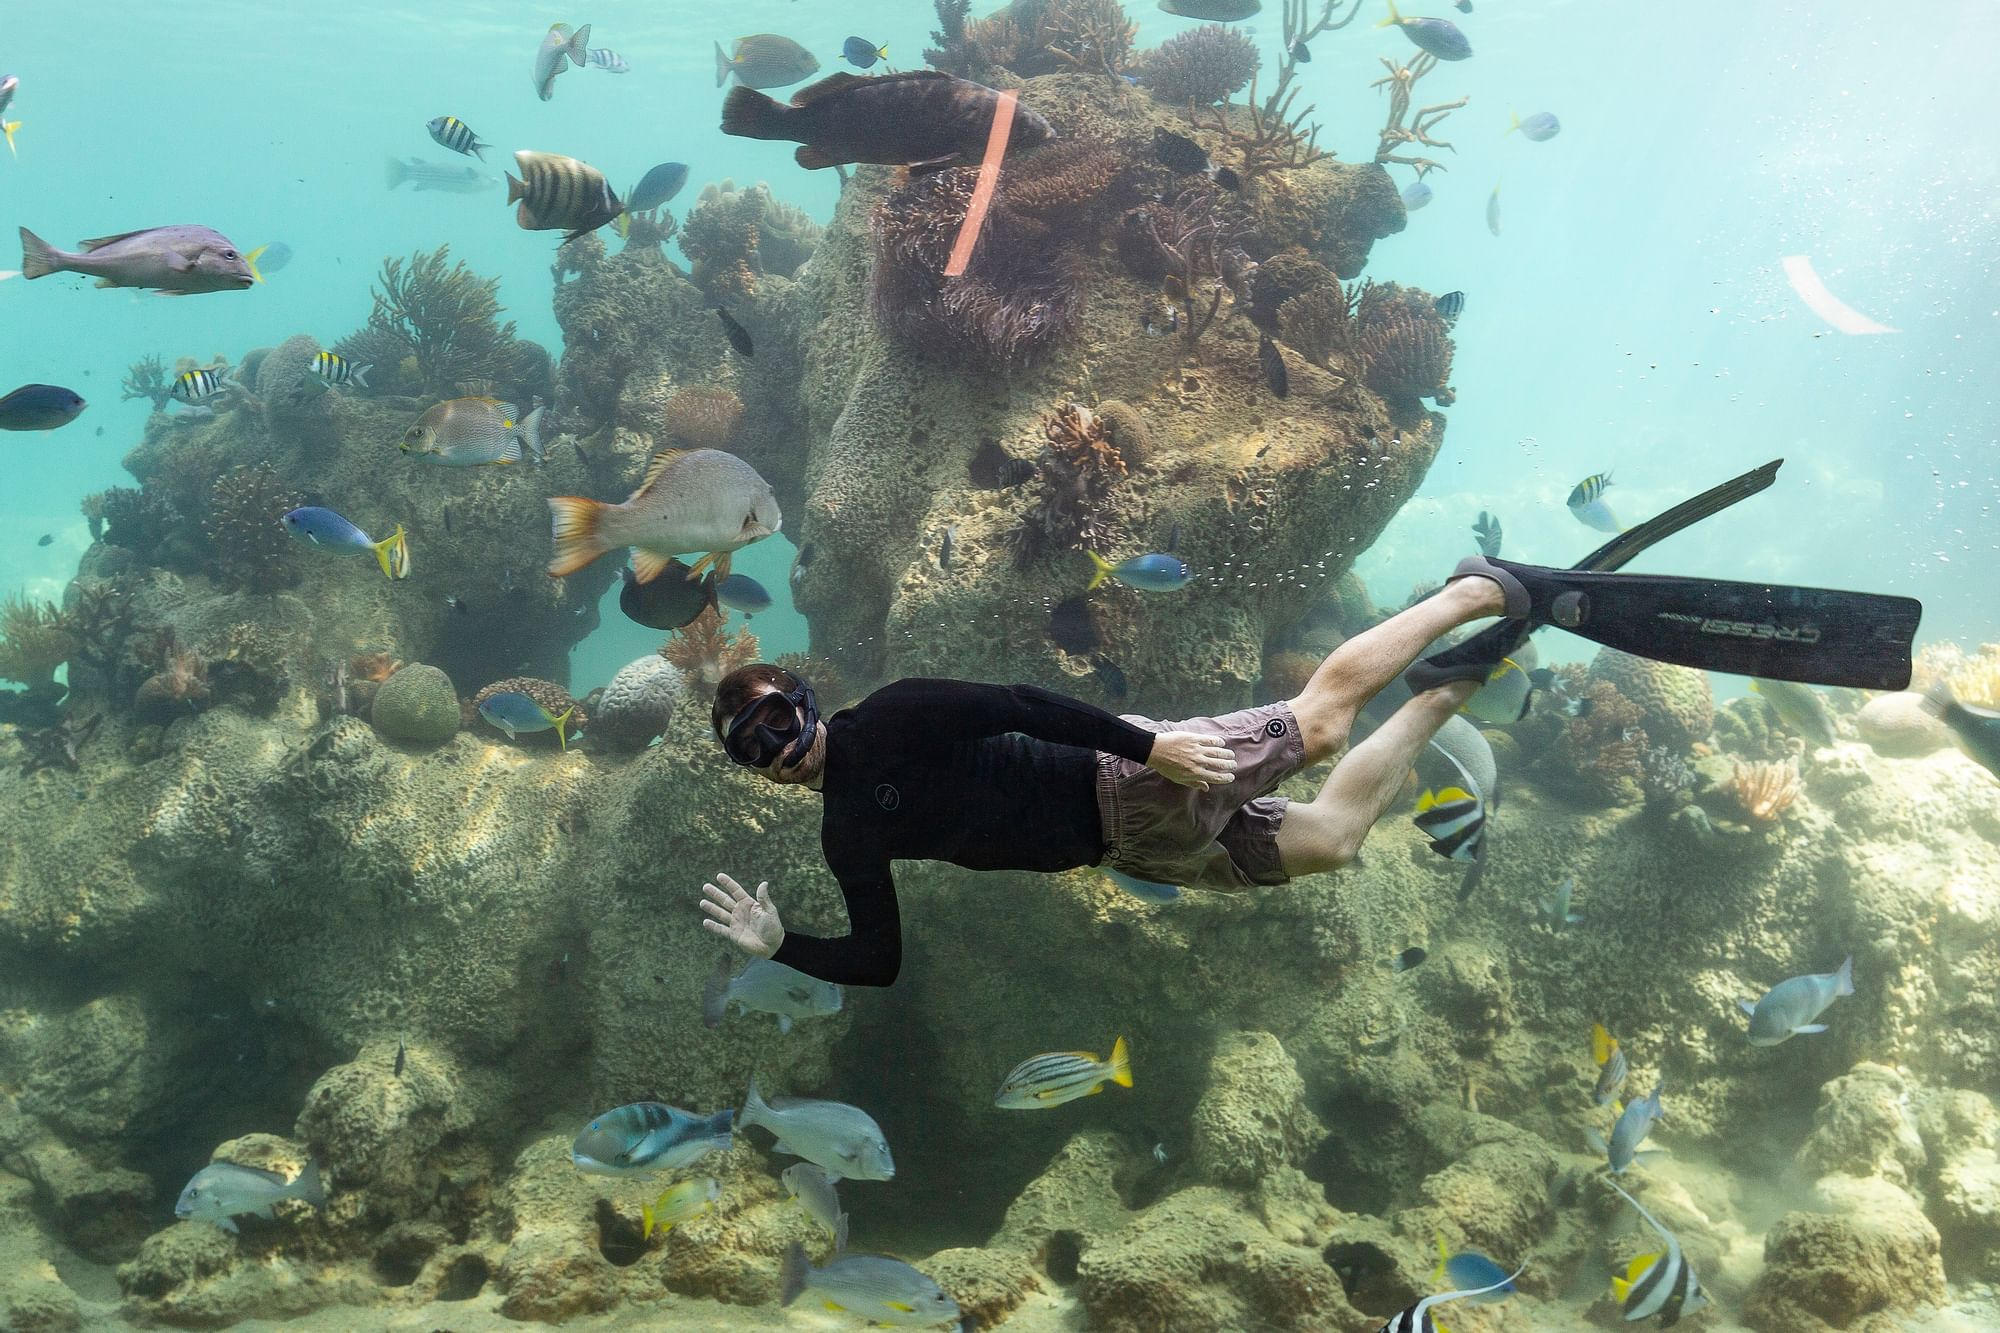 Person Snorkeling in reefs near Daydream Island Resort